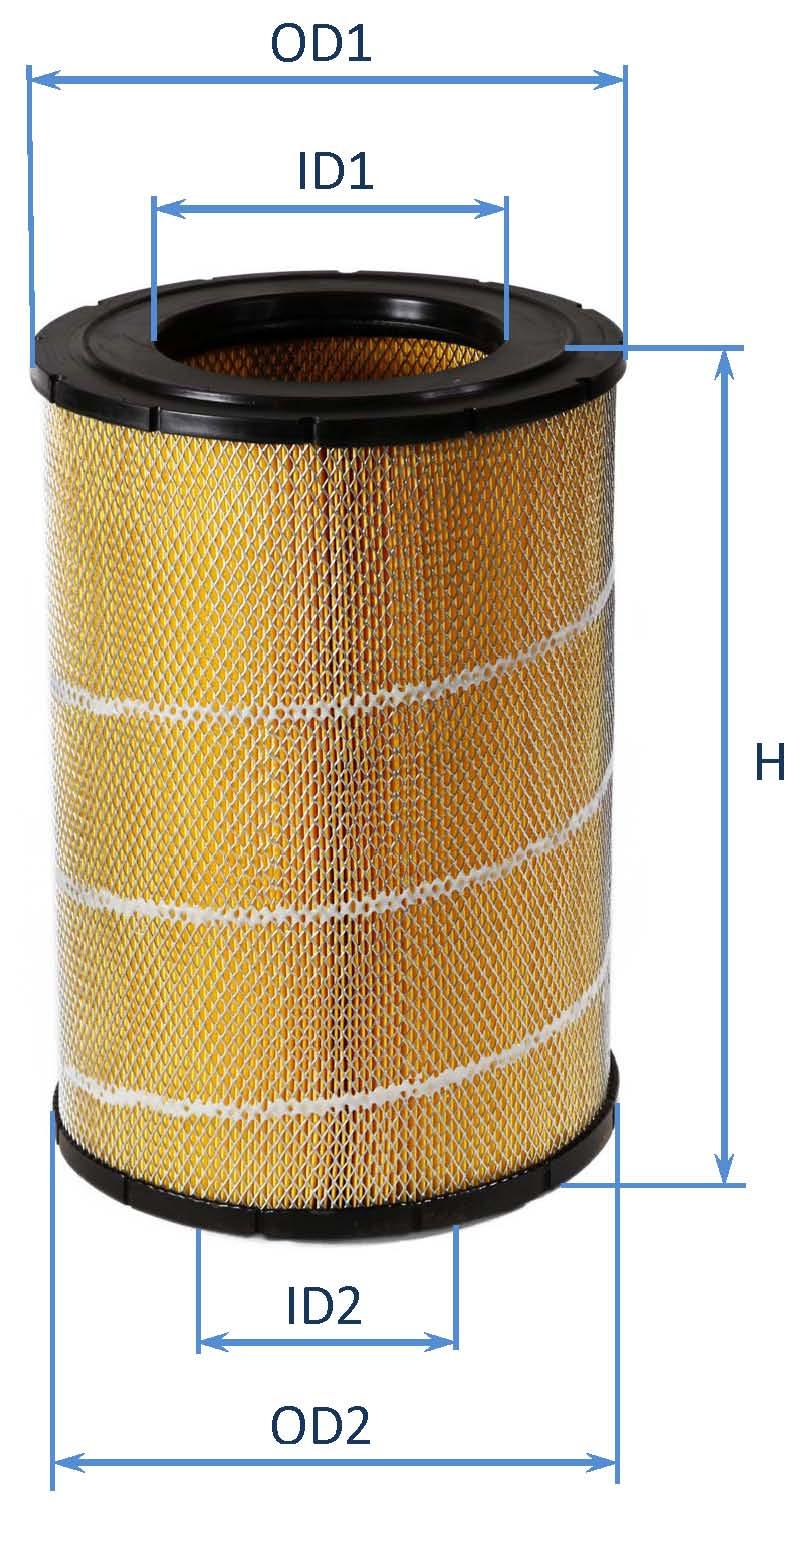 فیلتر هوای کامیونت ایسوزوP700